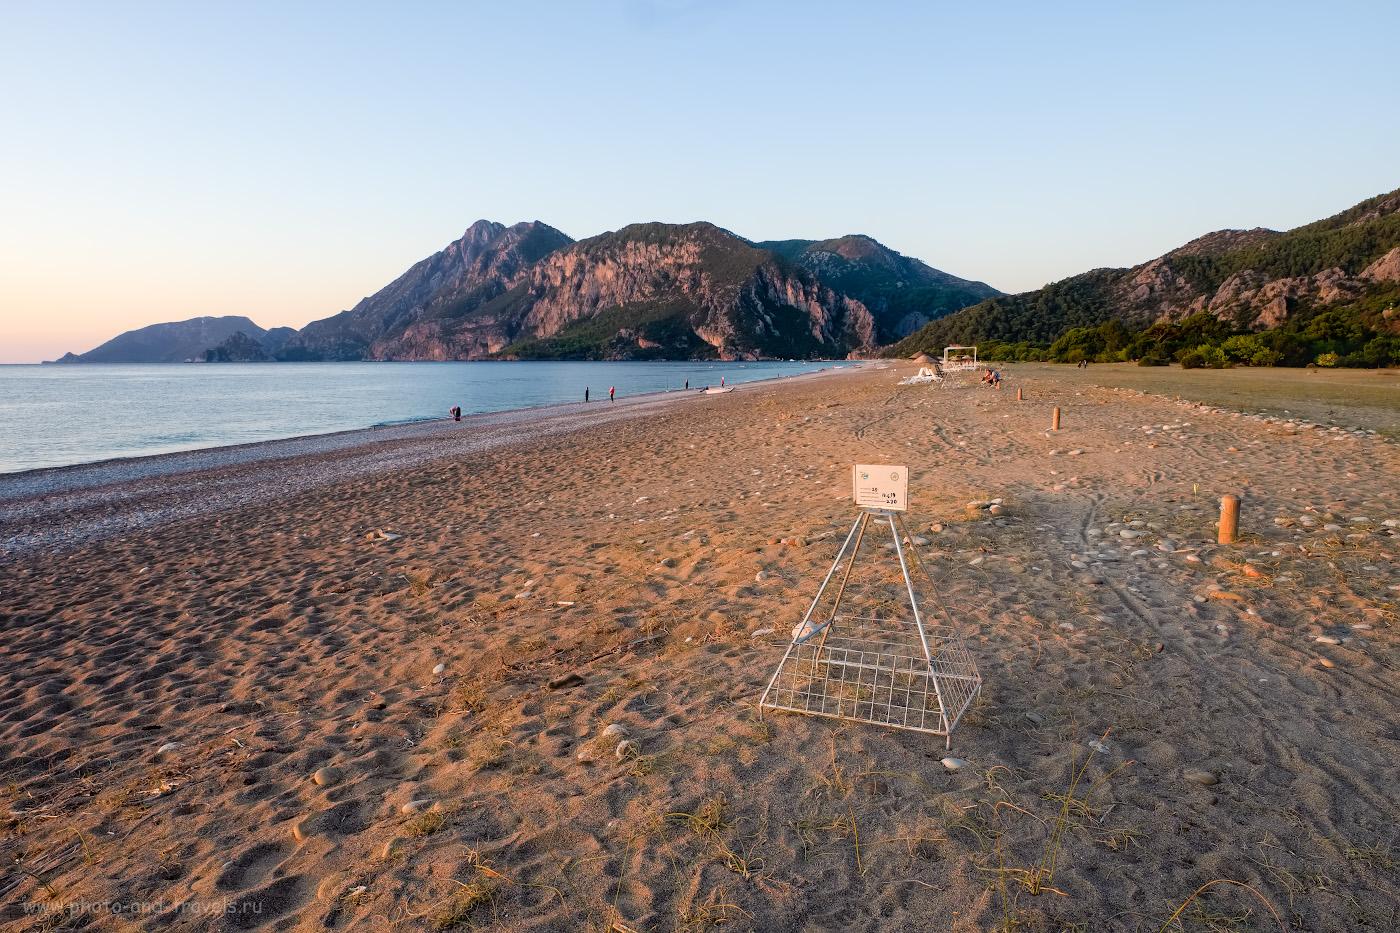 Фото 18. Так выглядит пляж Чиралы (Çıralı) на рассвете. На переднем плане – «клетка», ограждающая кладку яиц черепах логгерхедов. На заднем плане – гора Муса-даг (Musa Dağı). 1/17, 9.0, 200, +0.33, 16.